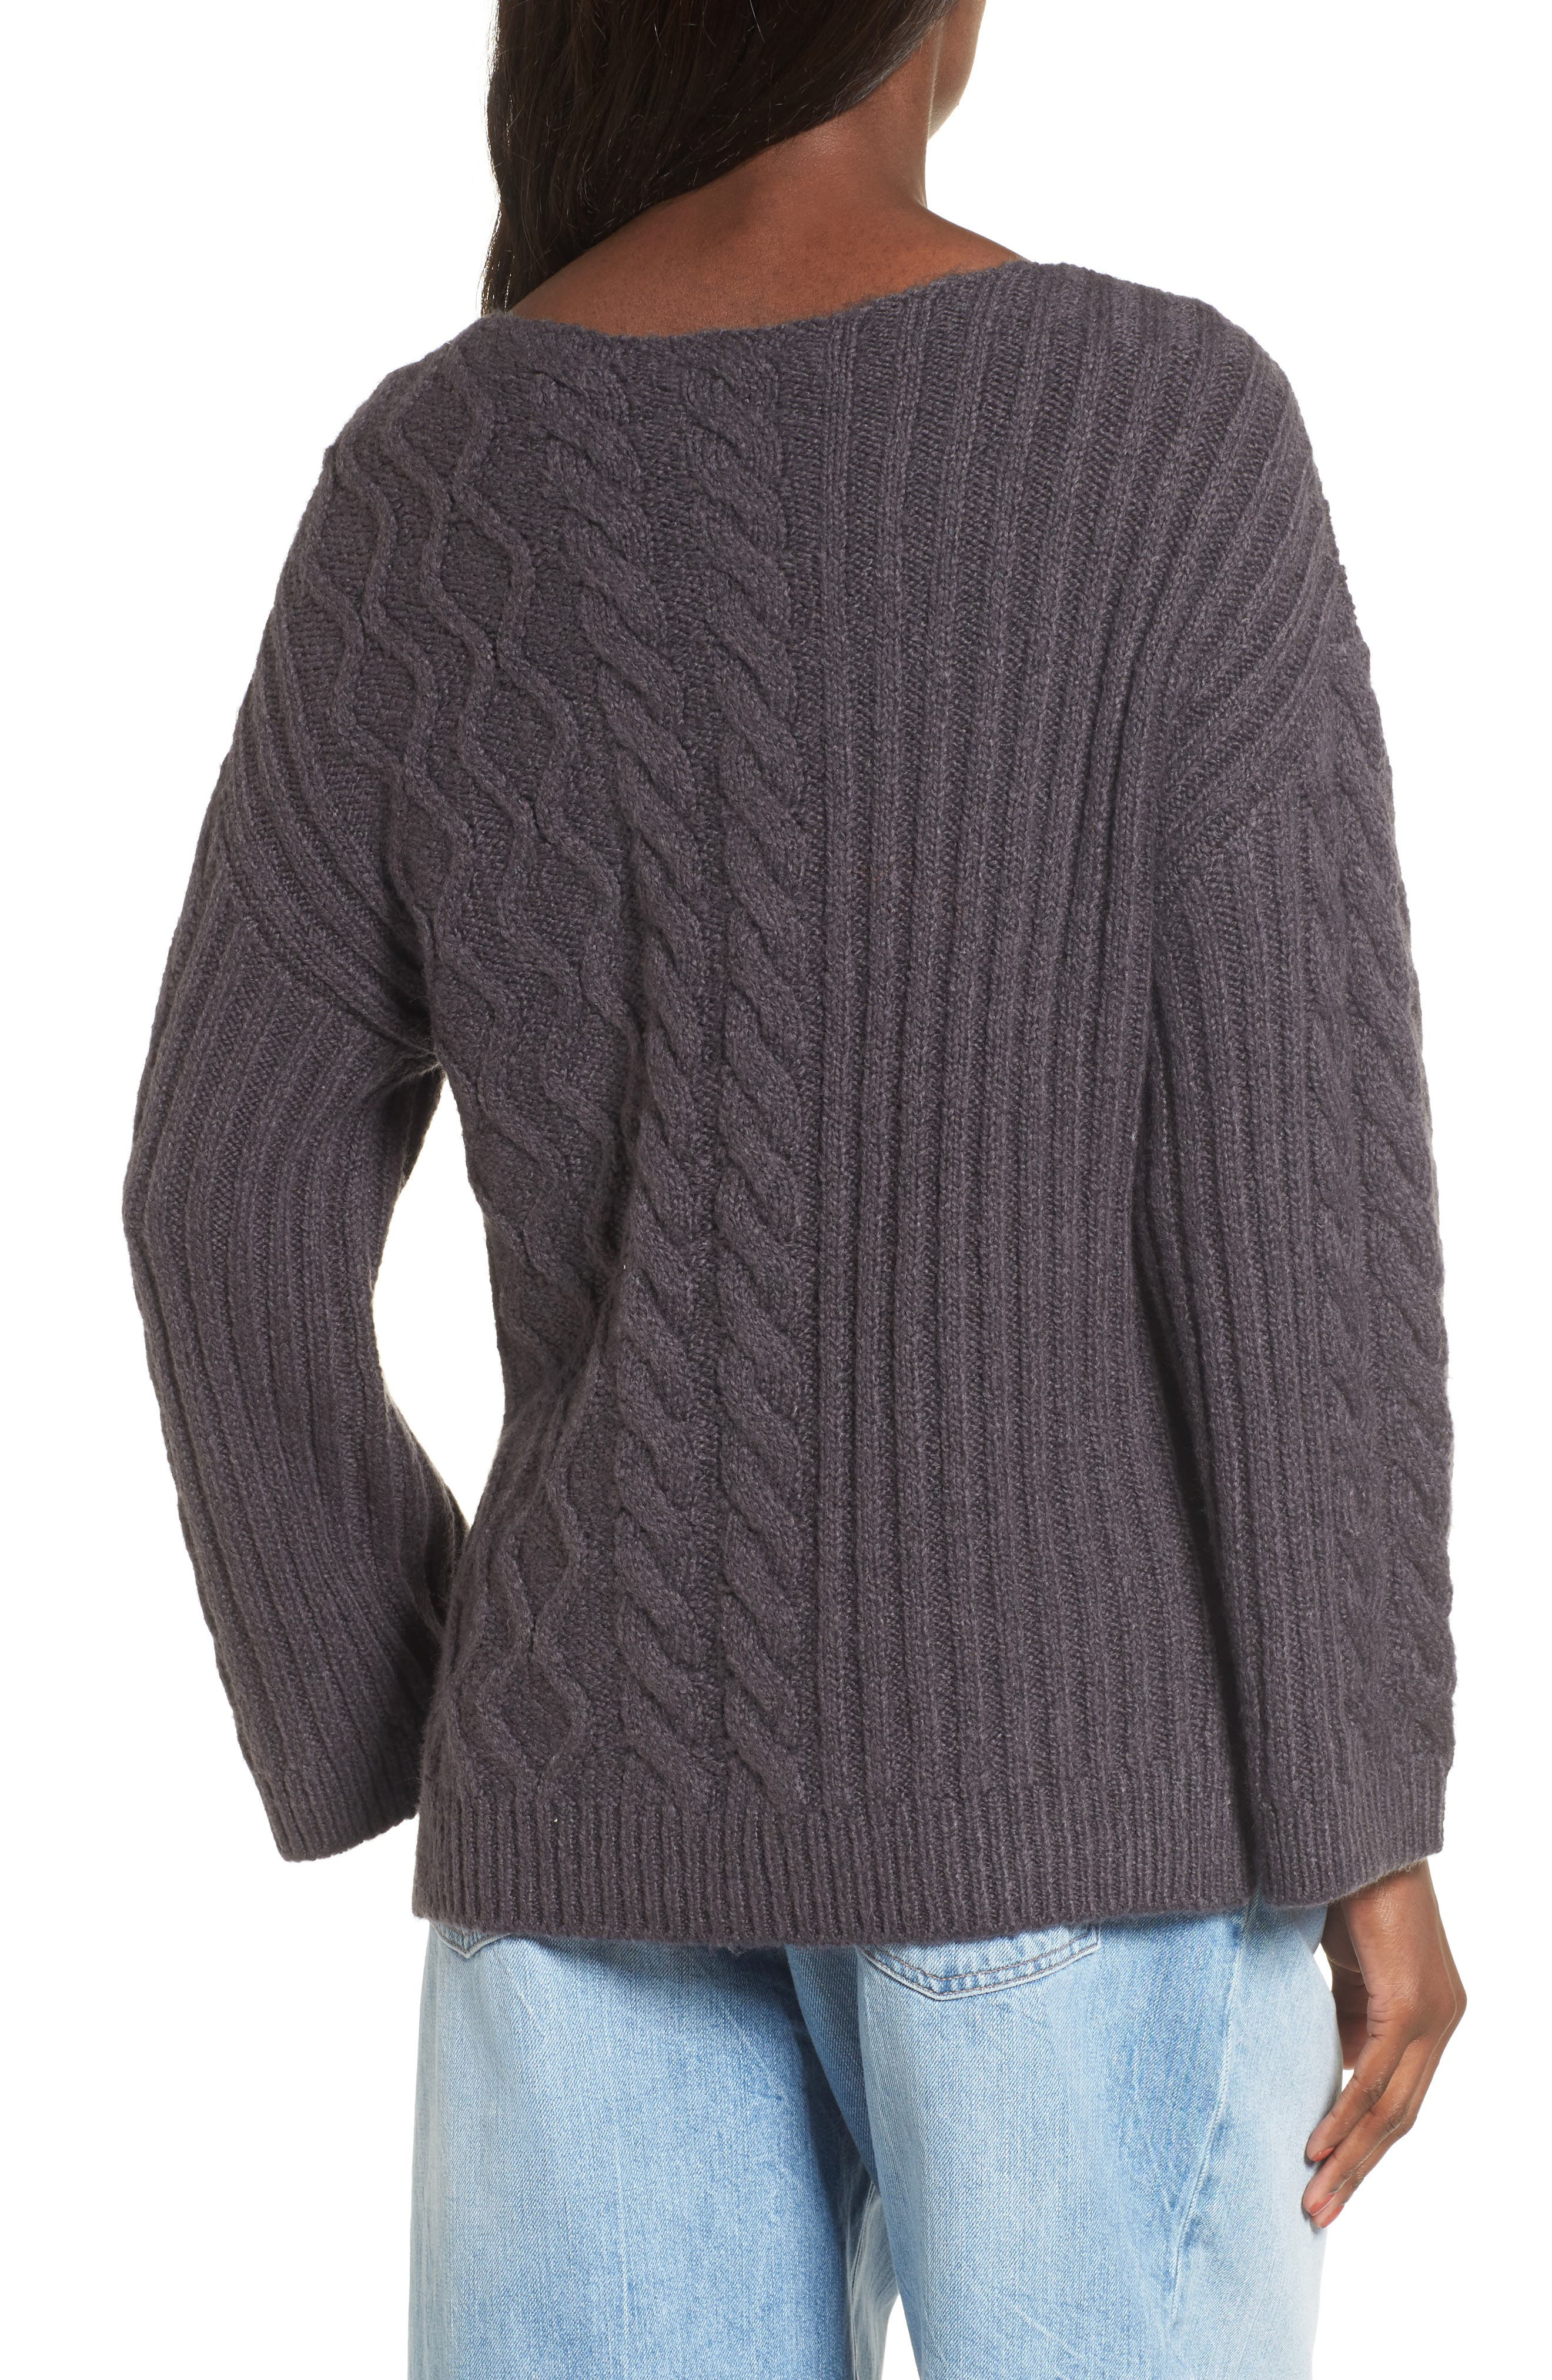 Mix Stitch Cotton Blend Sweater,                             Alternate thumbnail 2, color,                             021